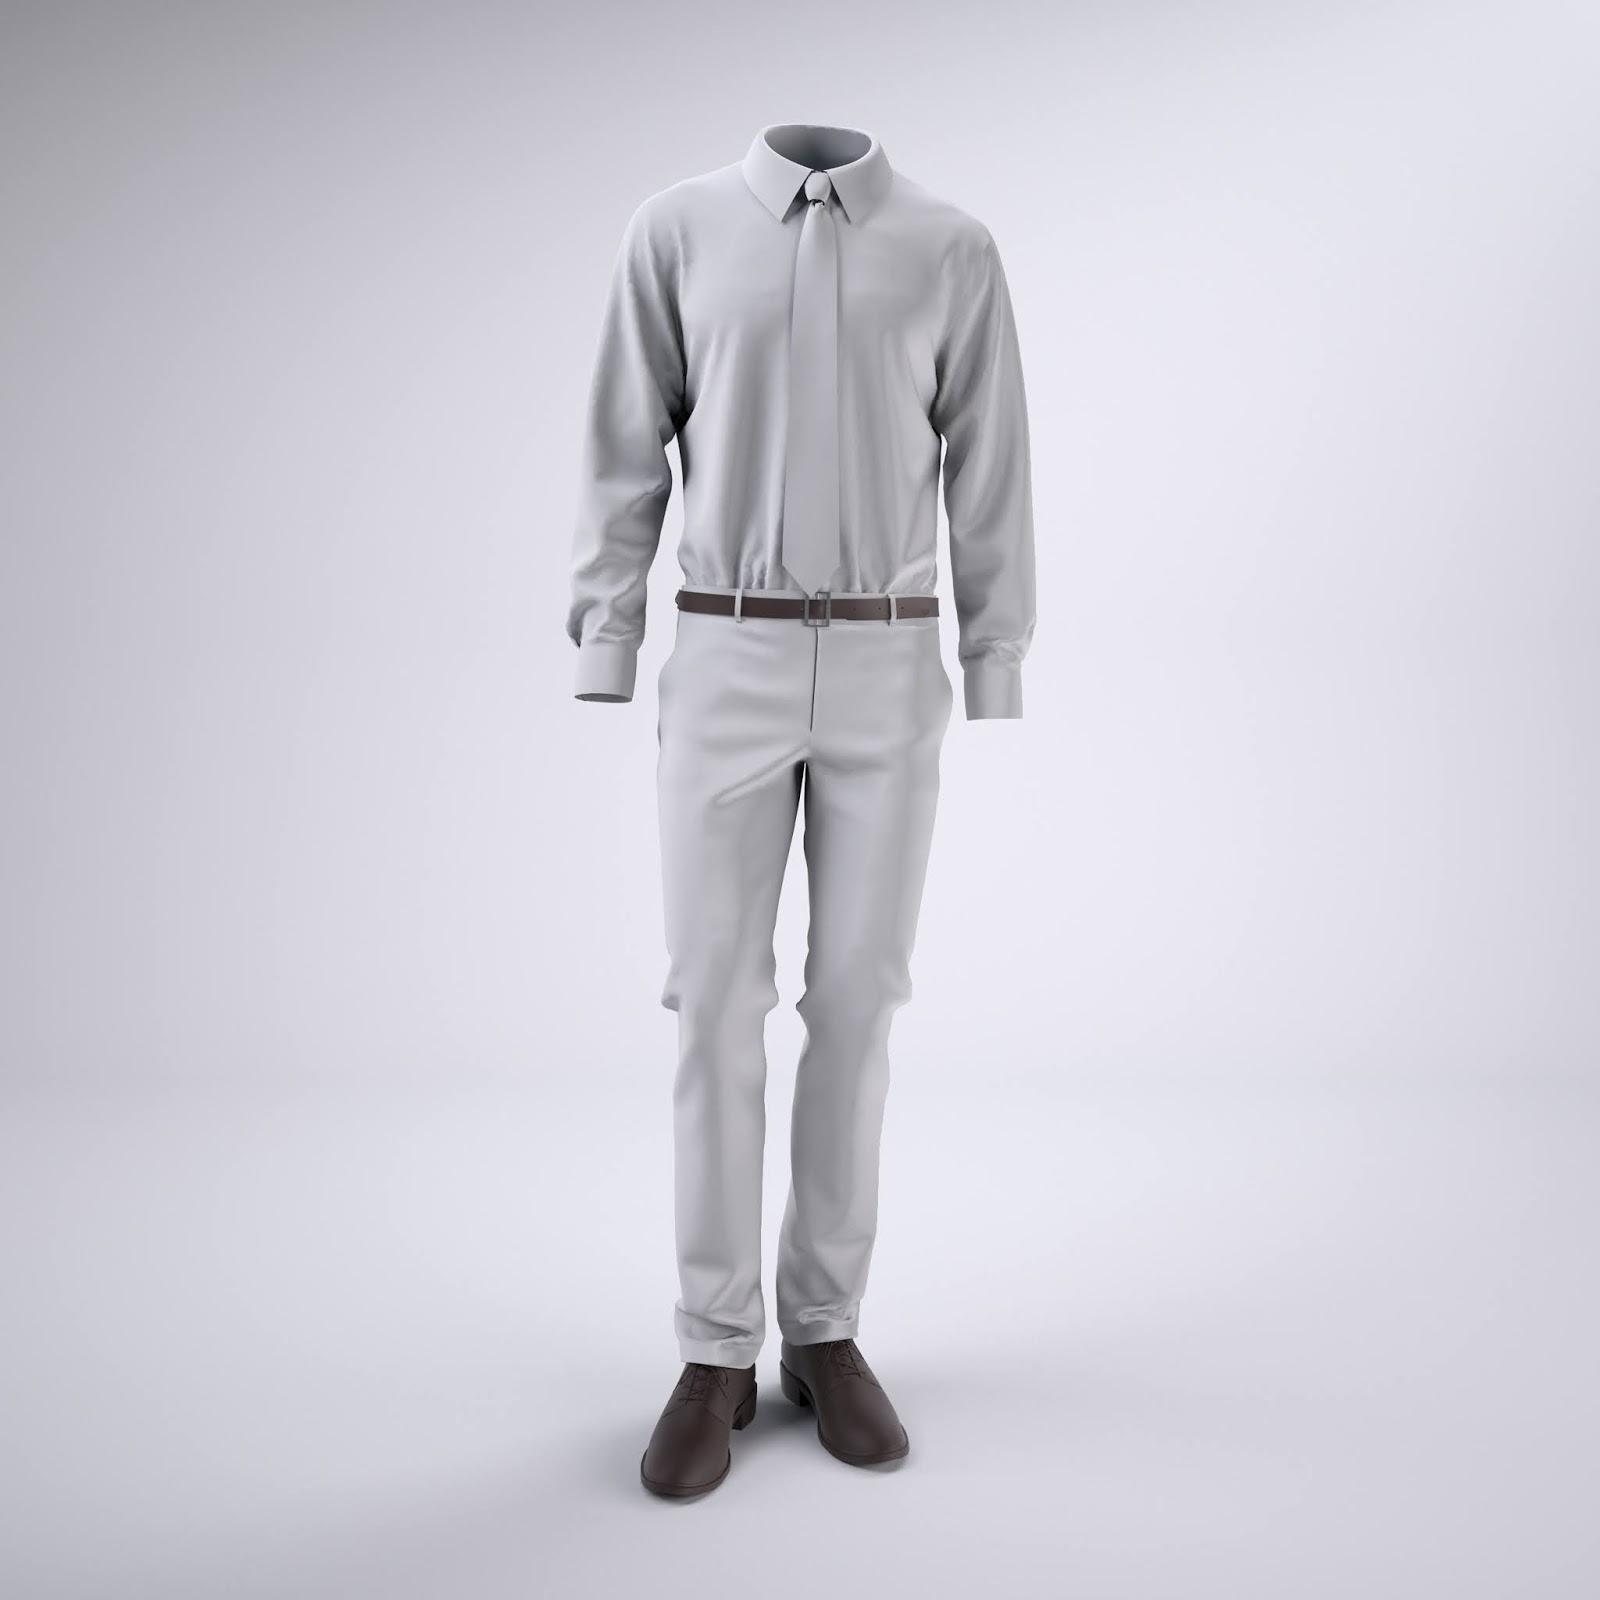 تحميل موك اب لعرض ملابس البدل باكثر من شكل ووضعية تصاميم احترافية بجودة عالية